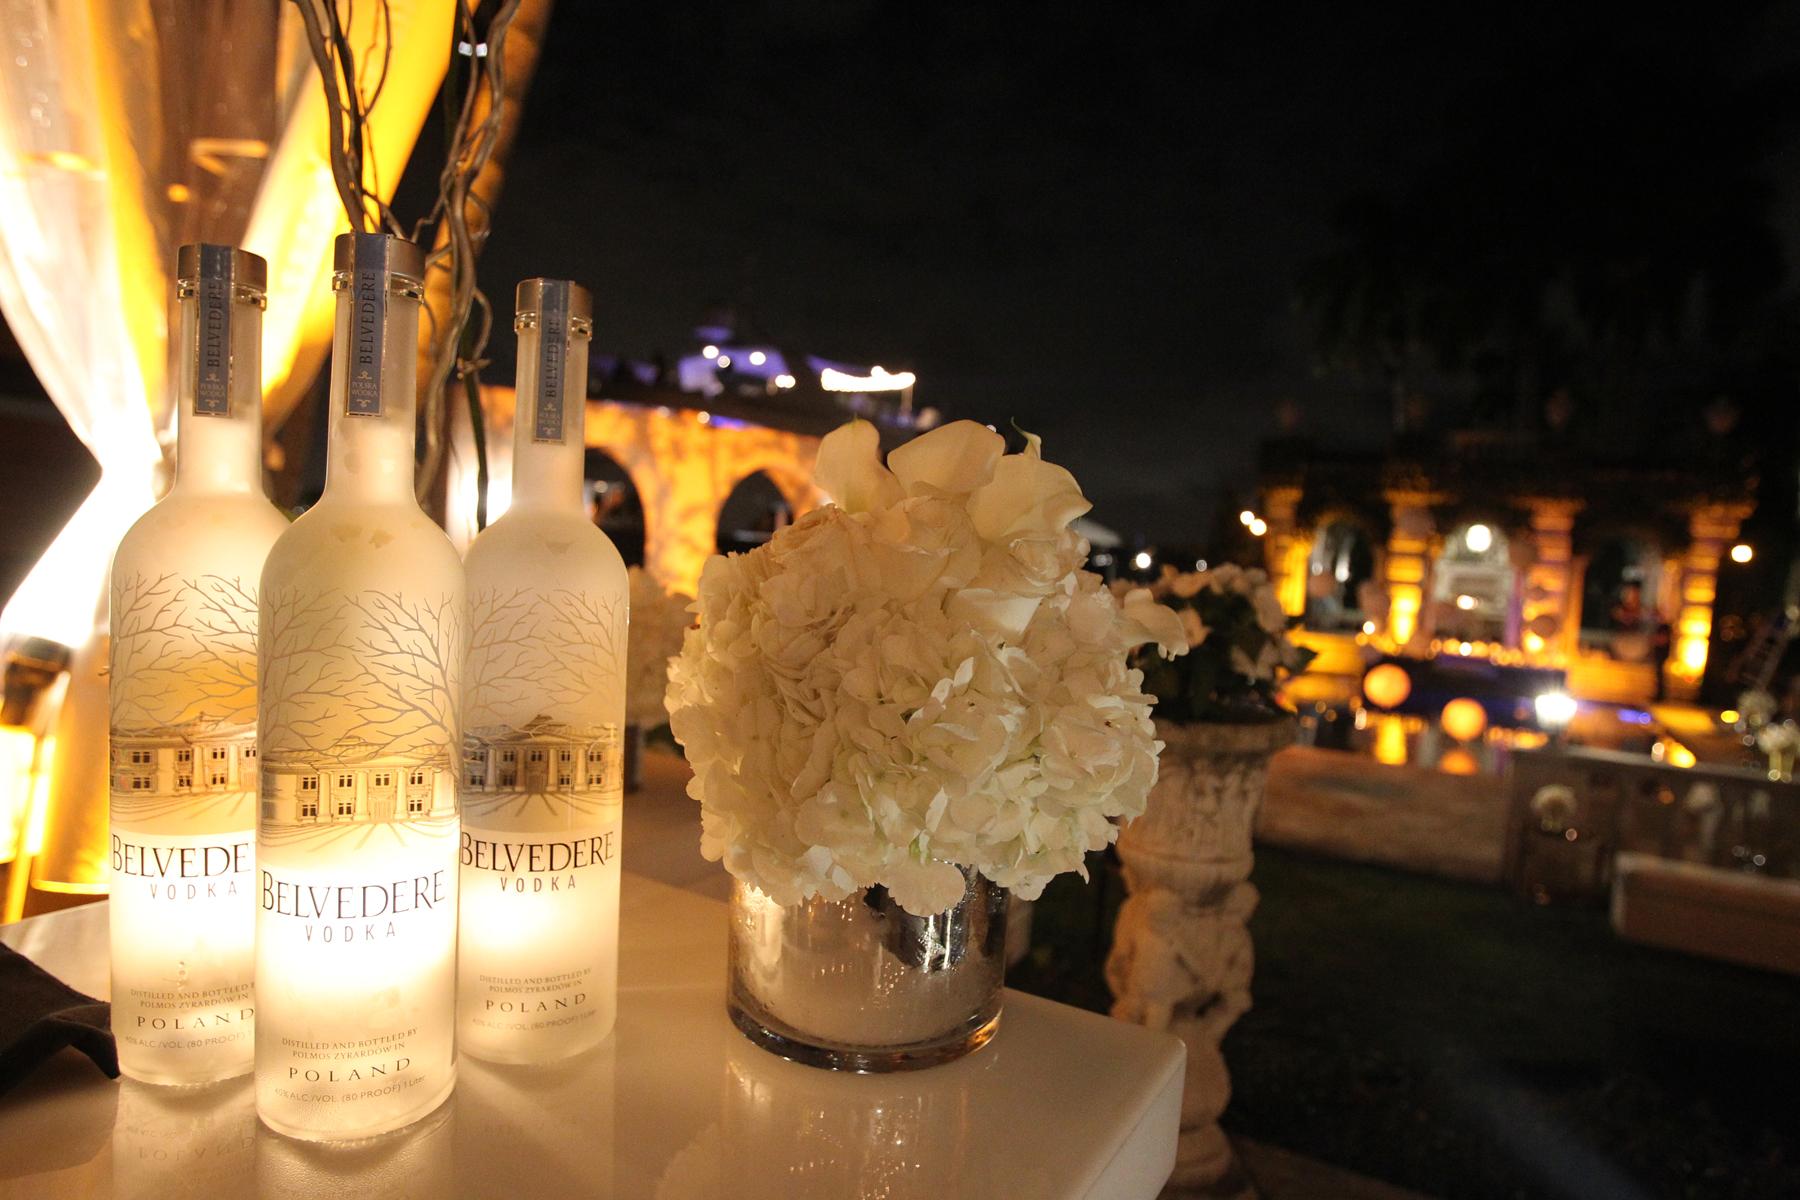 belvedere-vodka-dom-perignon-8